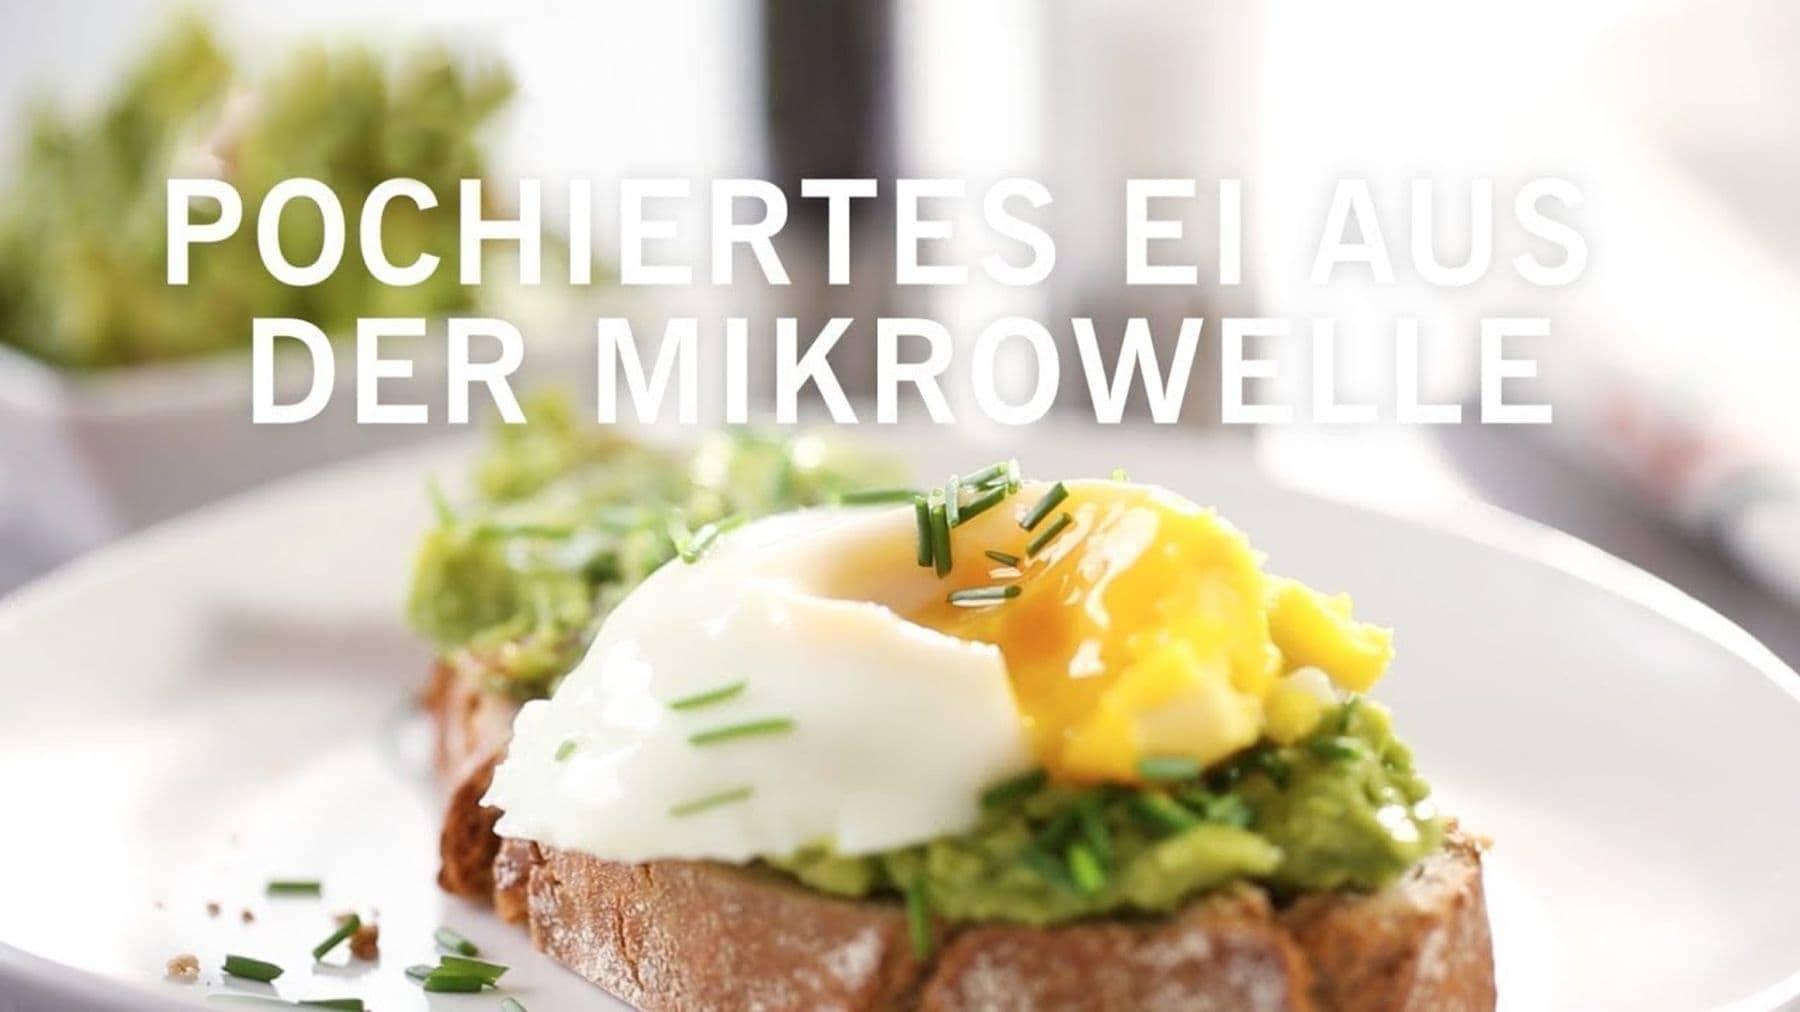 Wie man ein pochiertes Ei schnell zubereitet   Essen und Trinken   Was is hier eigentlich los?